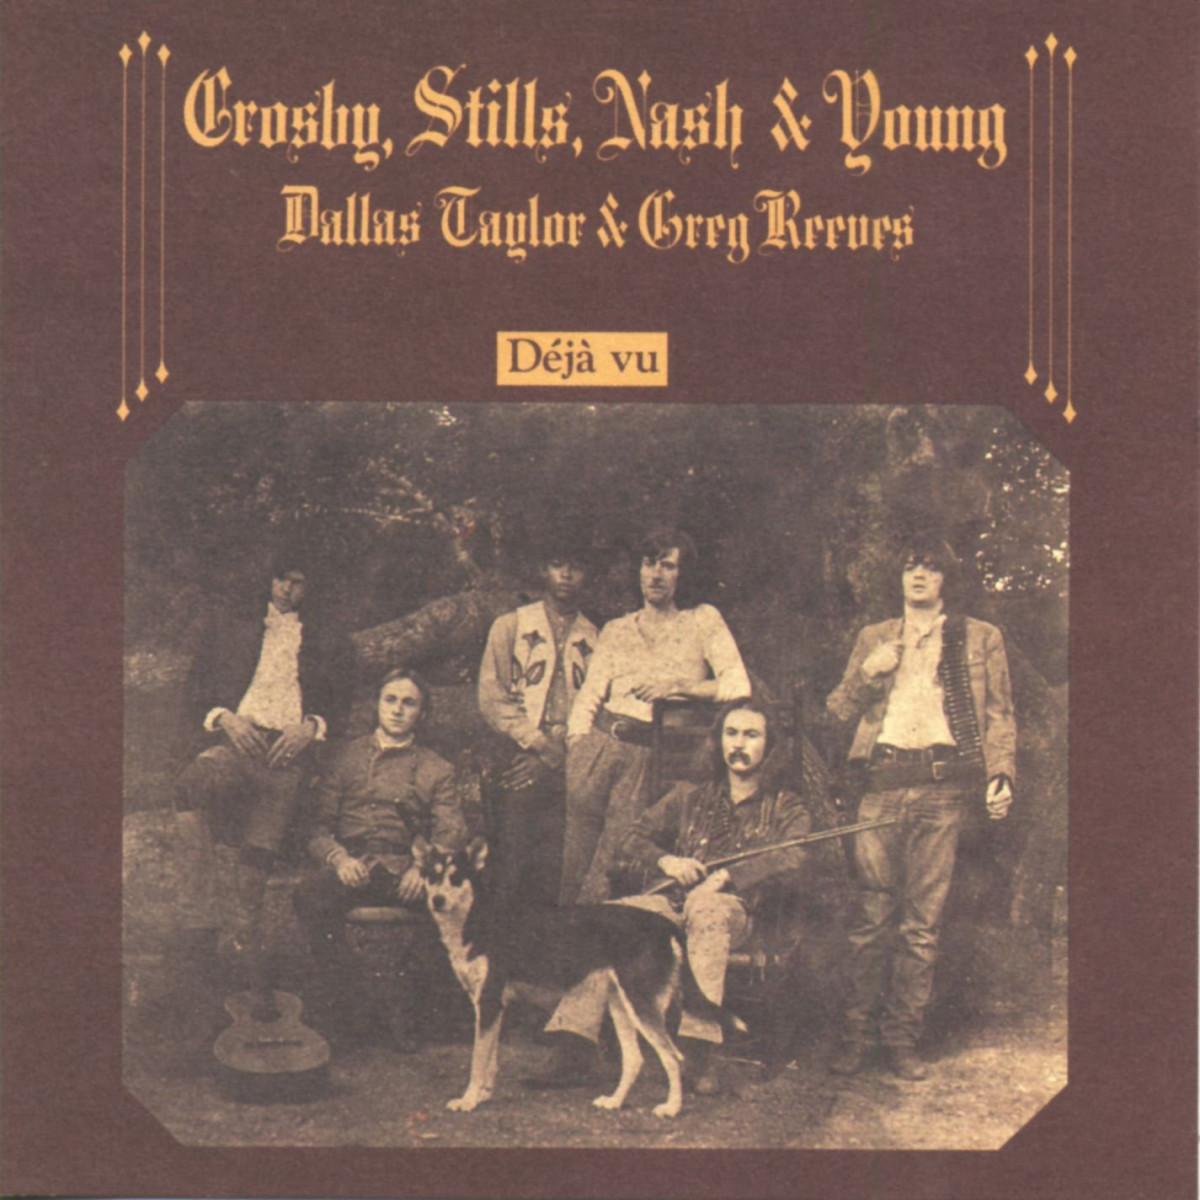 Crosby, Stills, Nash & Young, Déjà Vu